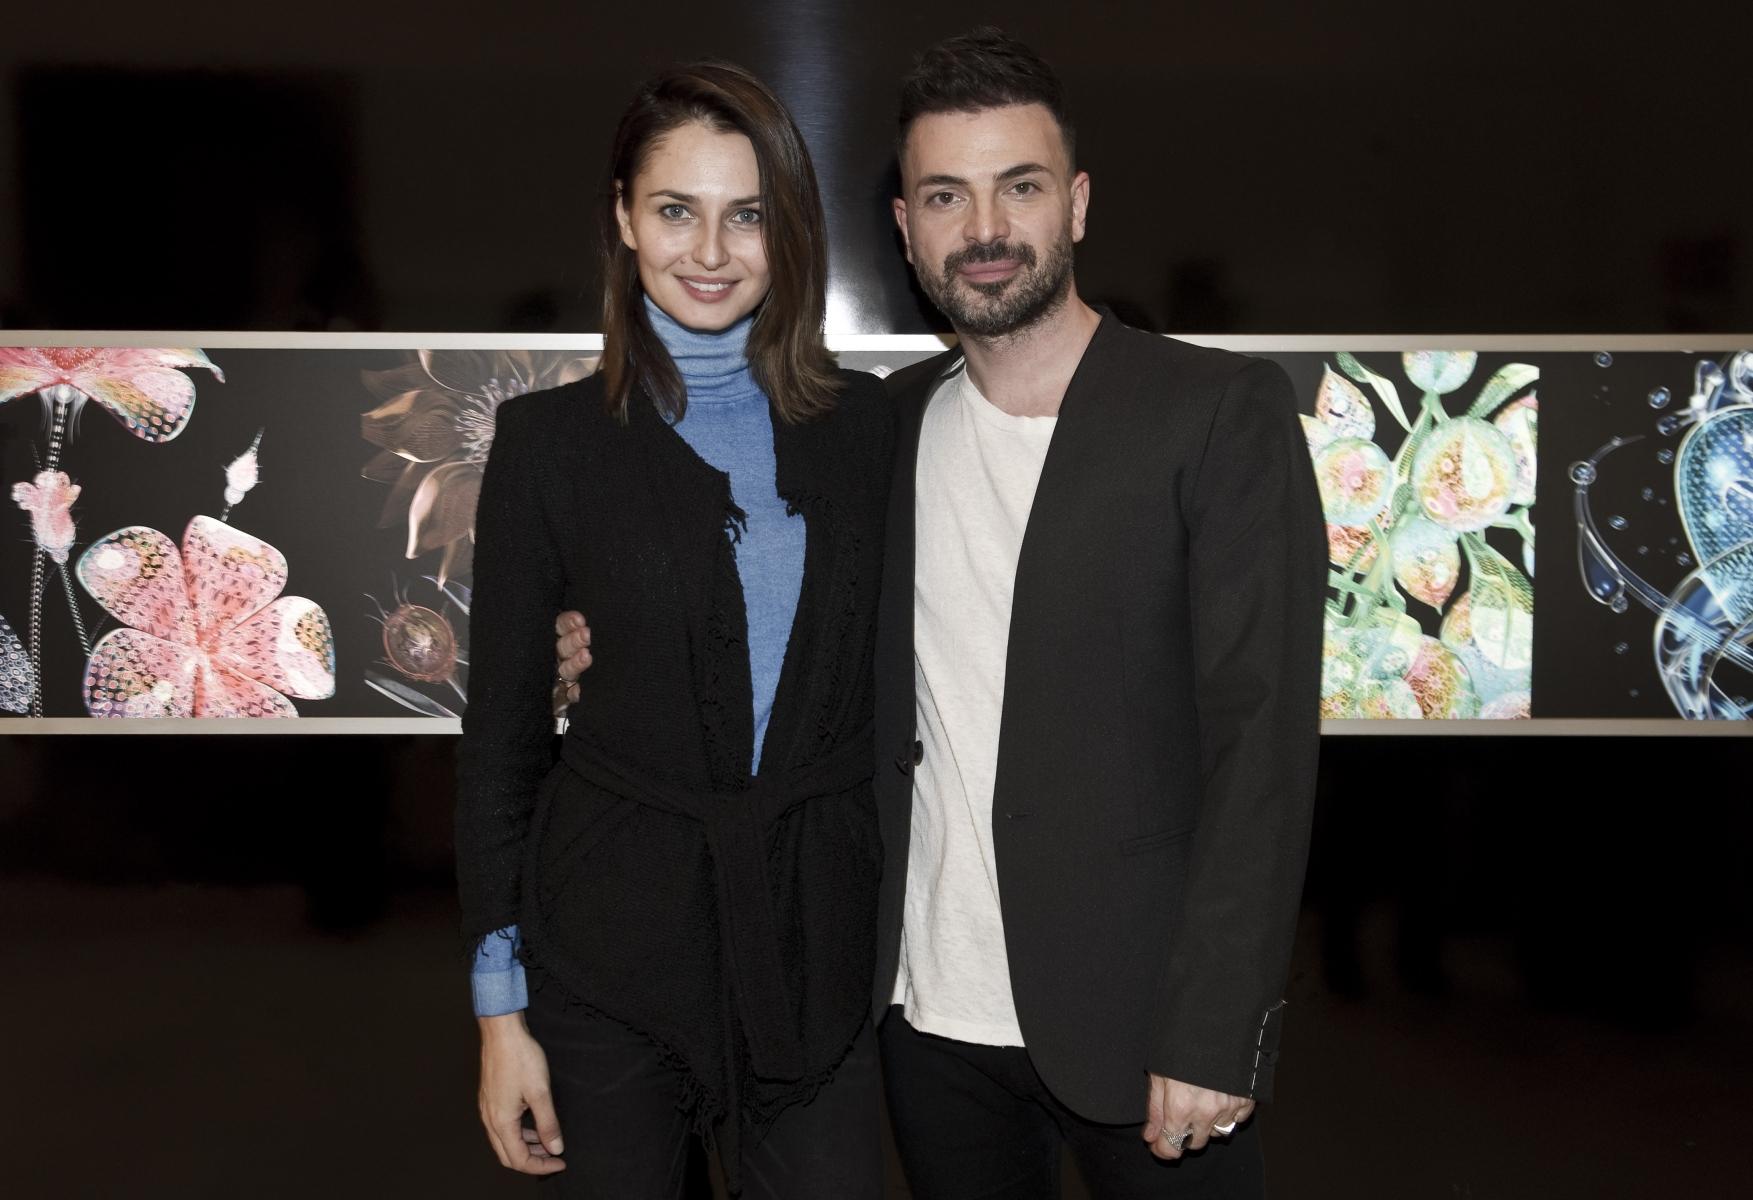 Anna Safroncik e Simone Belli